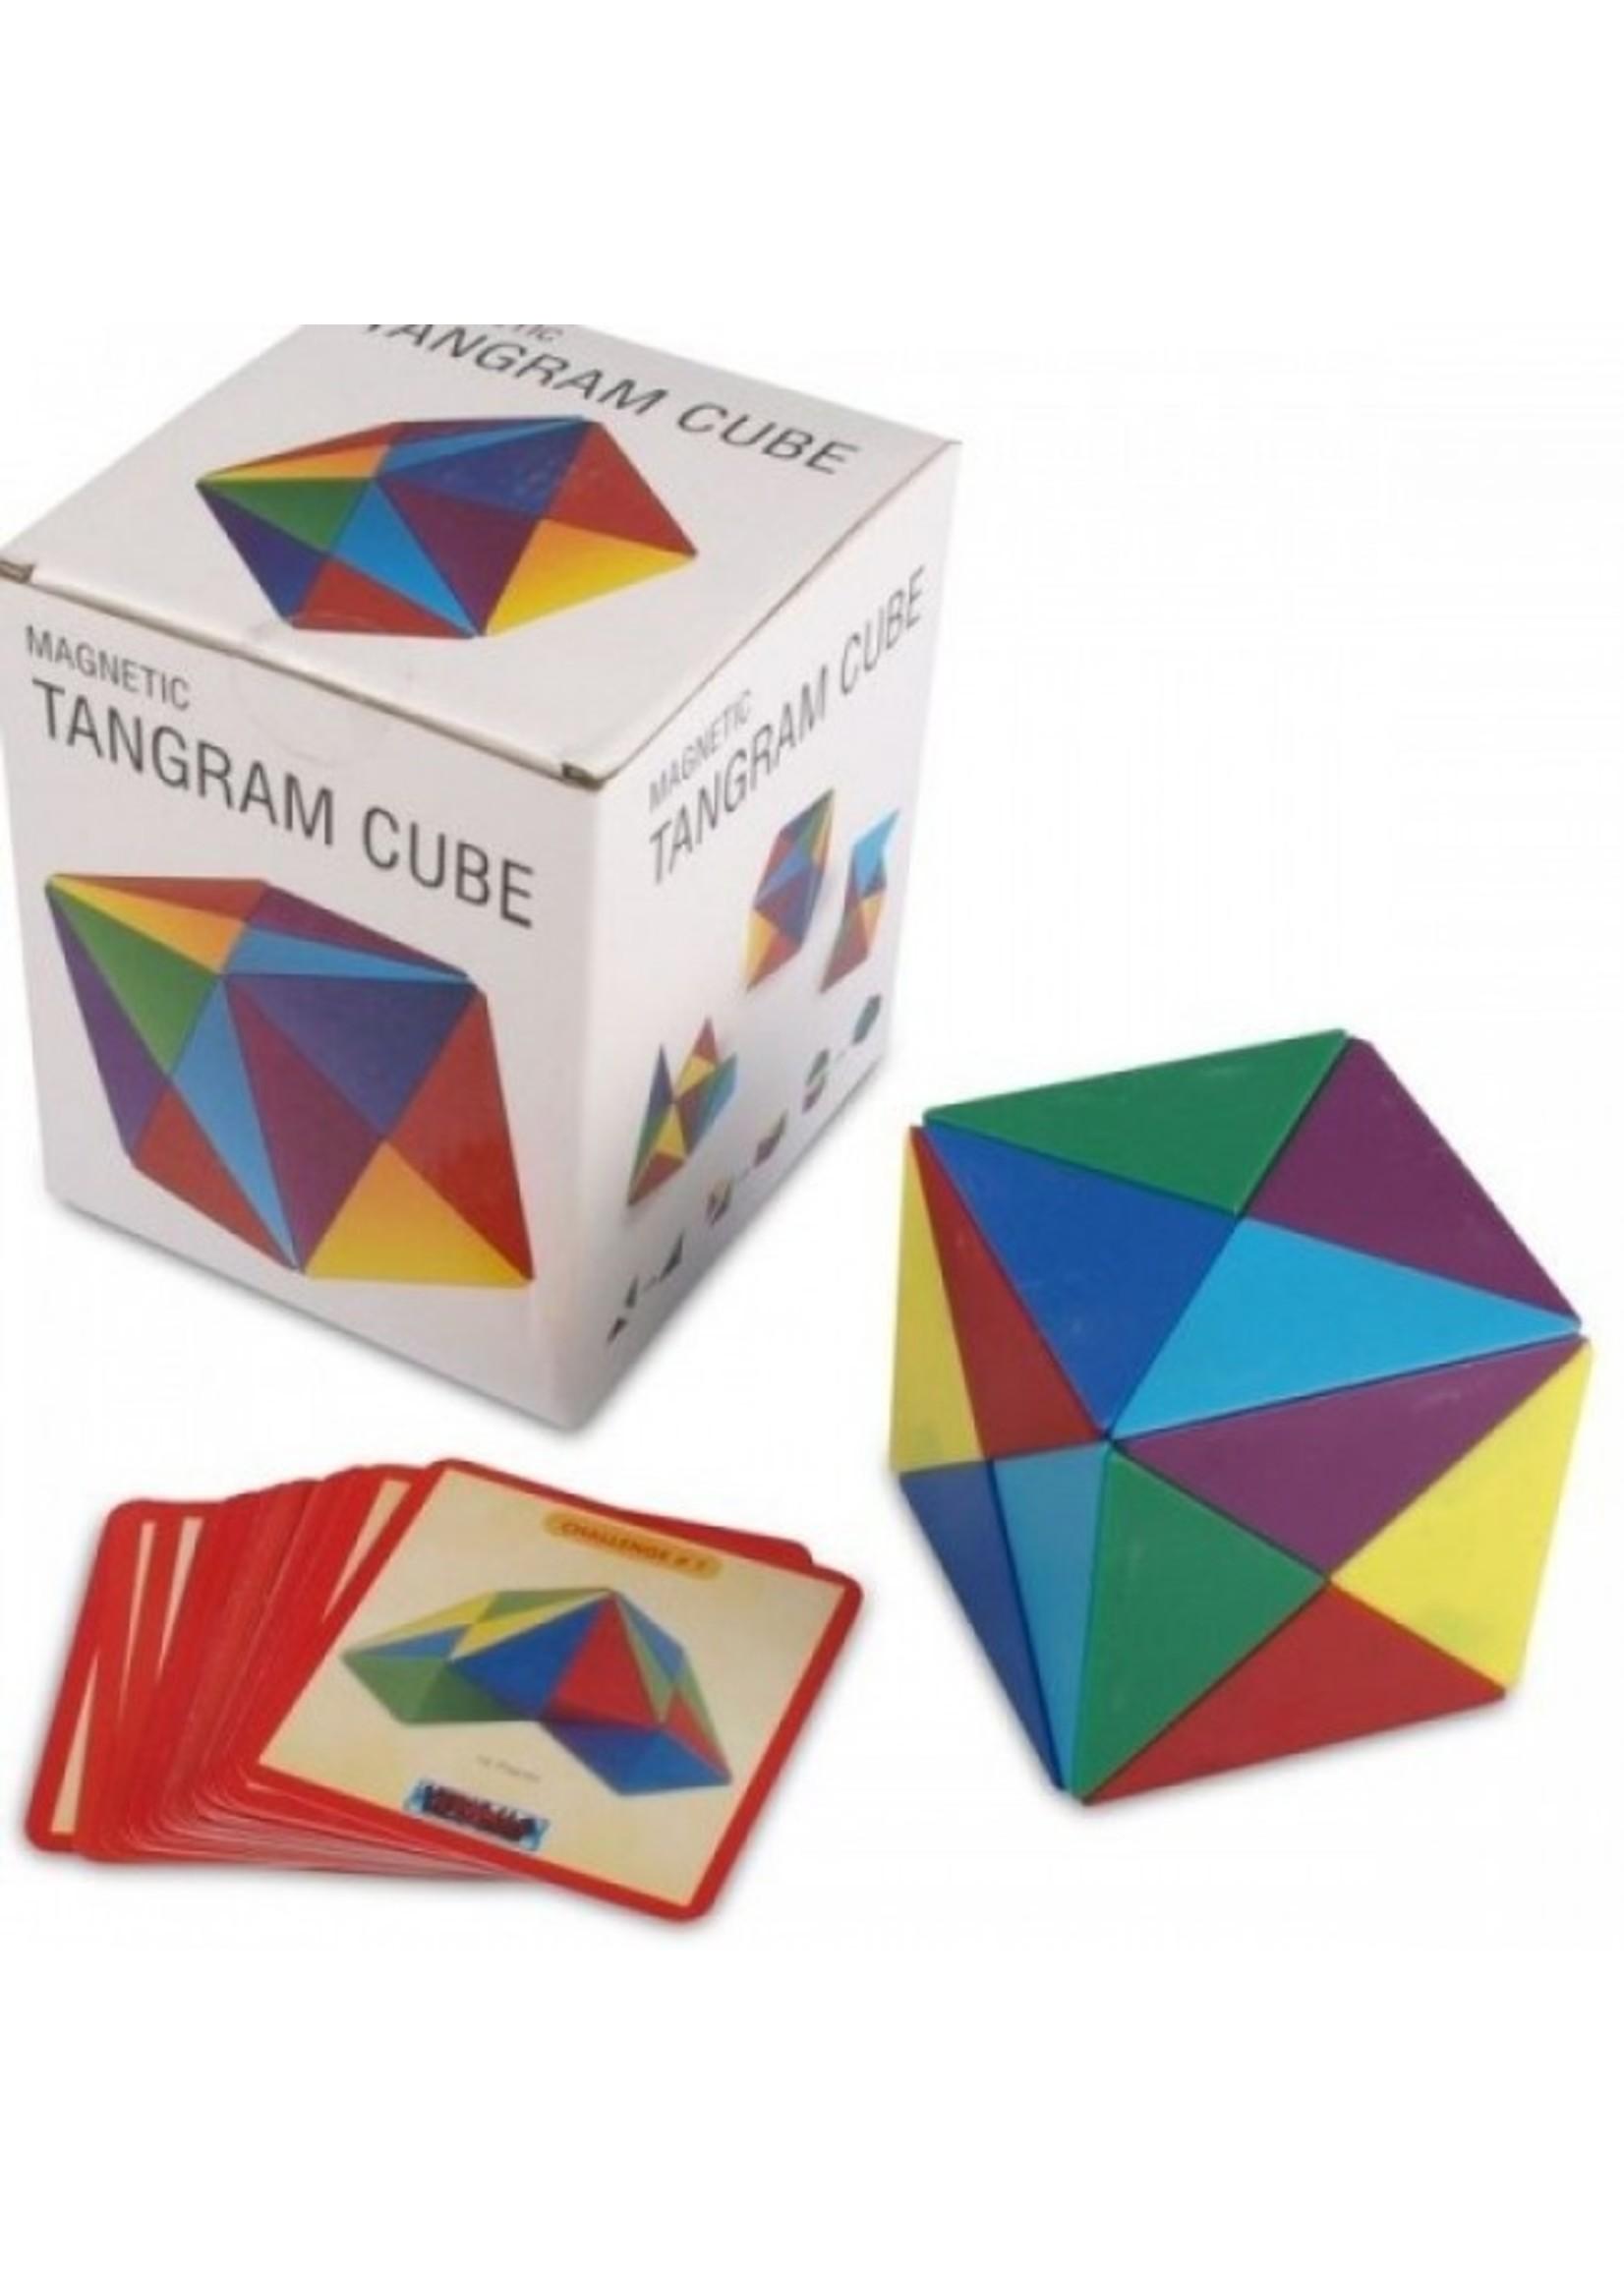 Magnetic Tangram Cube